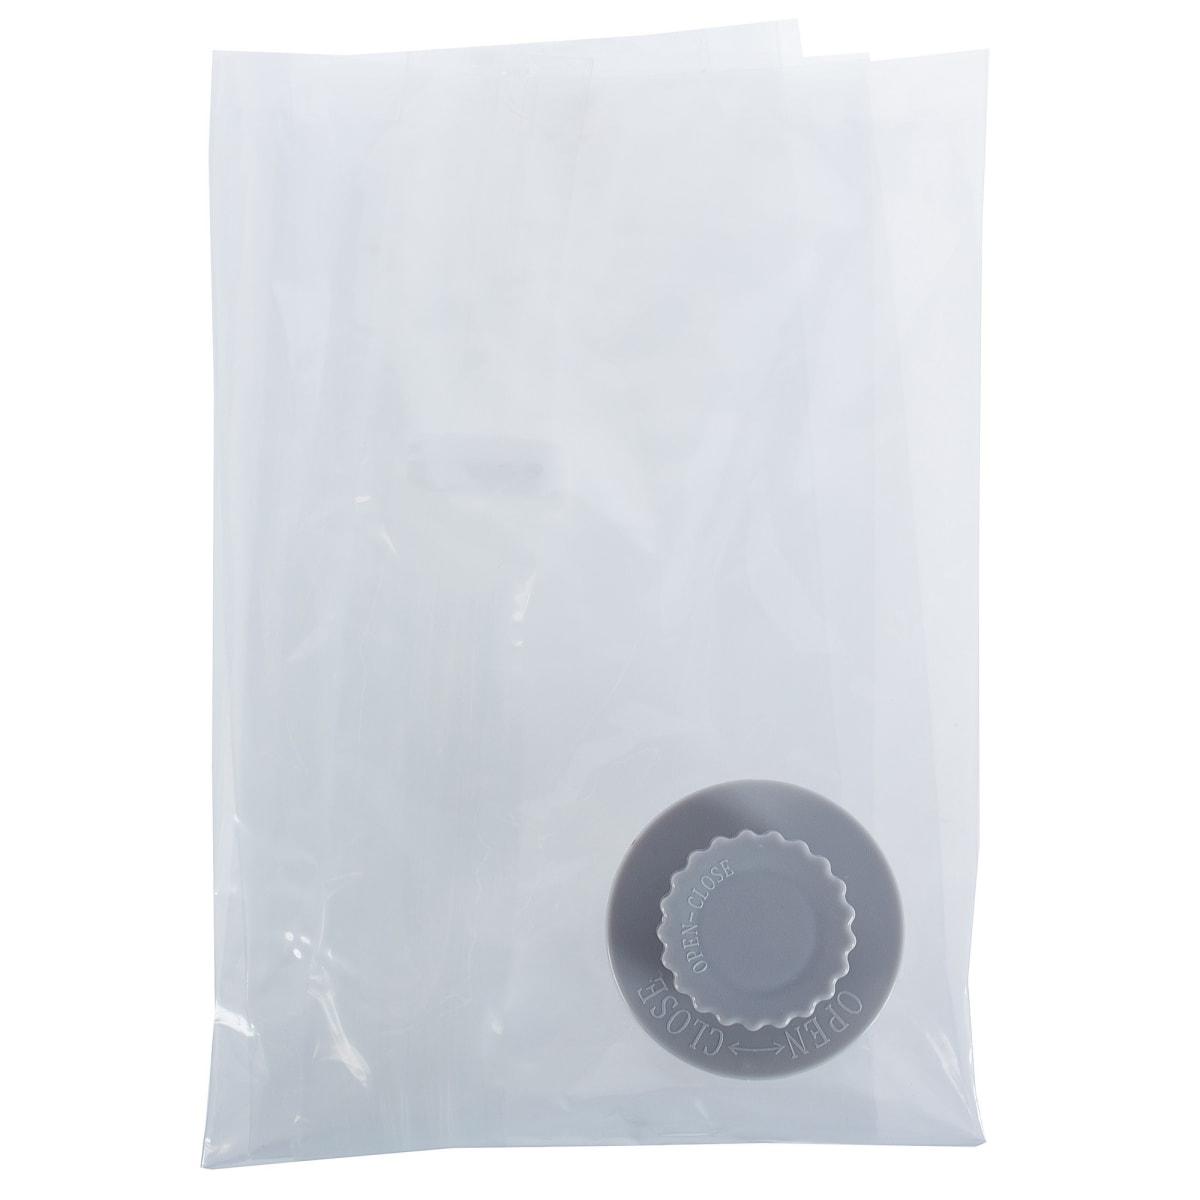 Вакуумный пакет Spaceo 45х60 см, 2 шт.